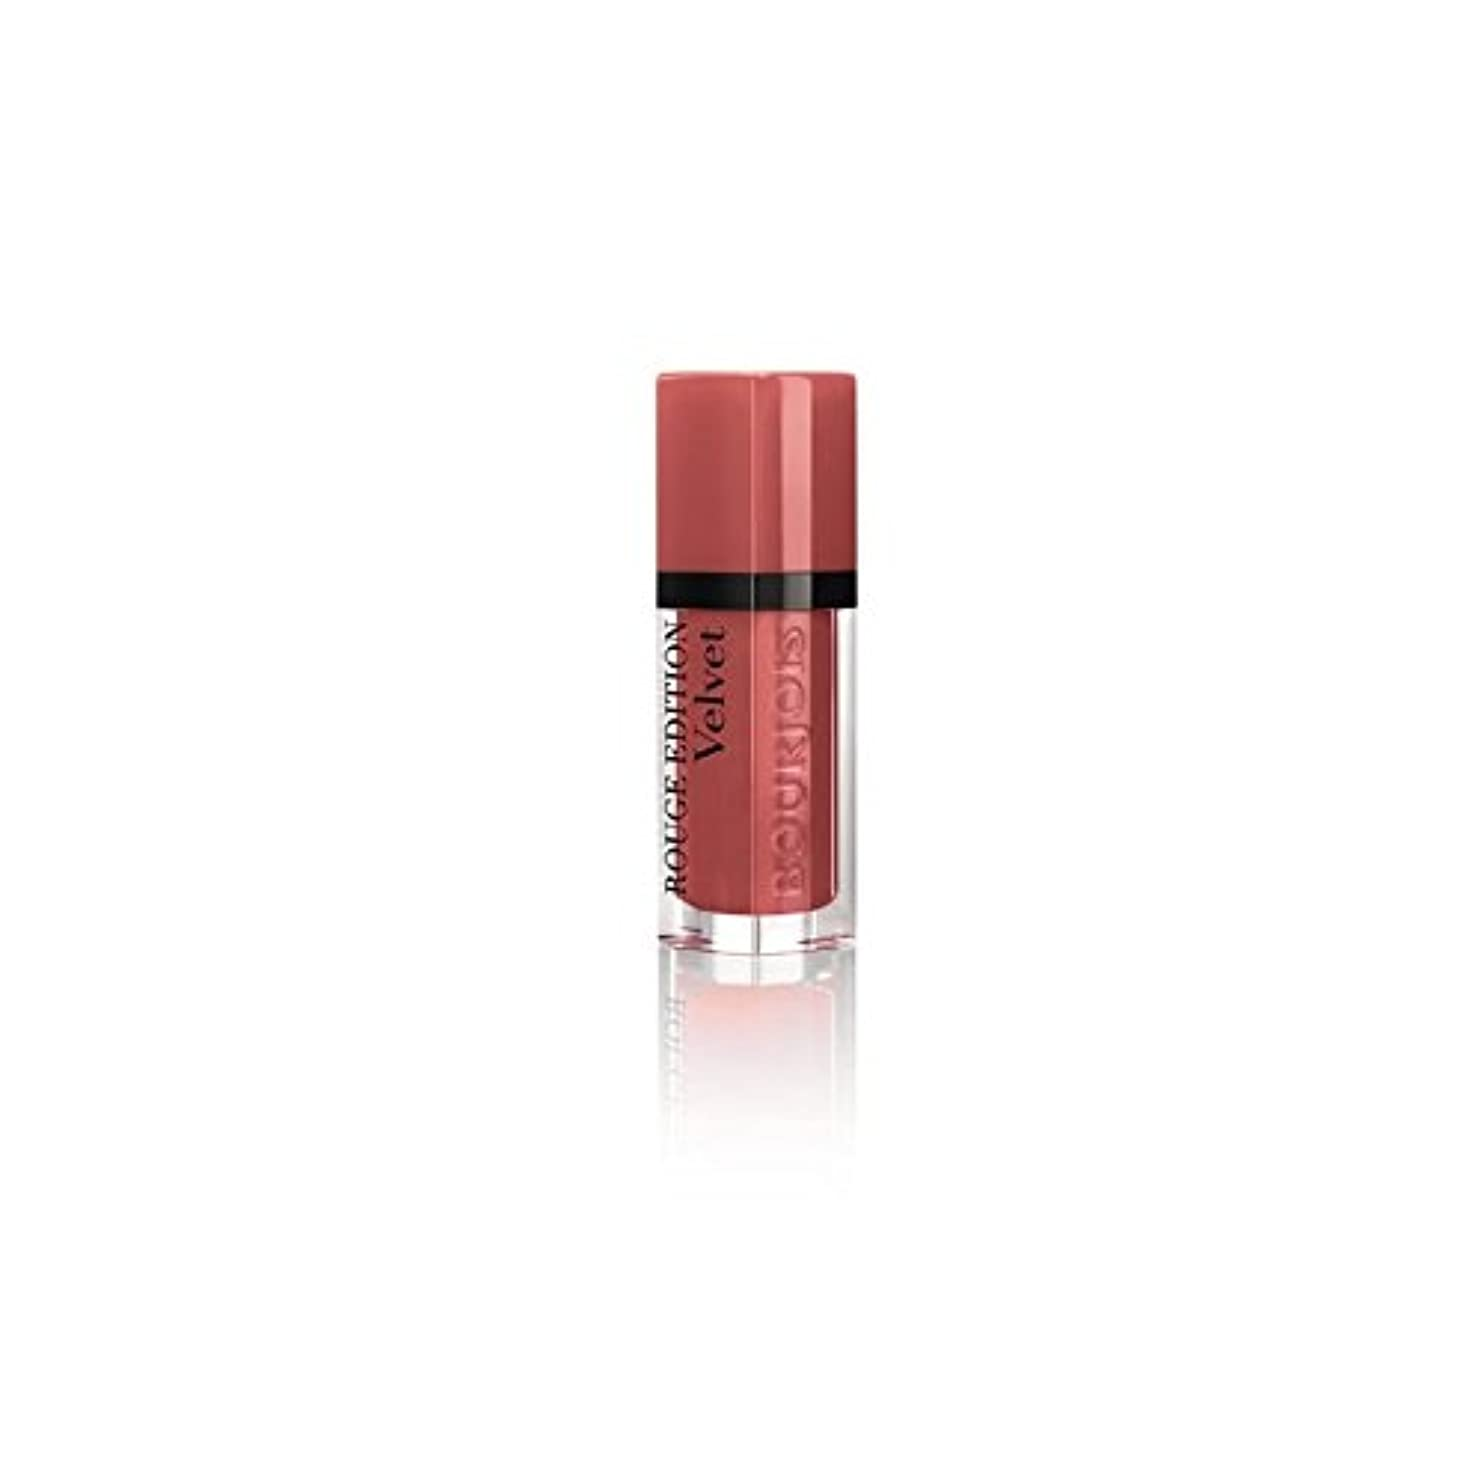 マウスピース頭皮肉なBourjois Rouge Edition Velvet Lipstick Beau Brun T12 - ブルジョワルージュ版ベルベットの口紅ボウ?ブラン 12 [並行輸入品]